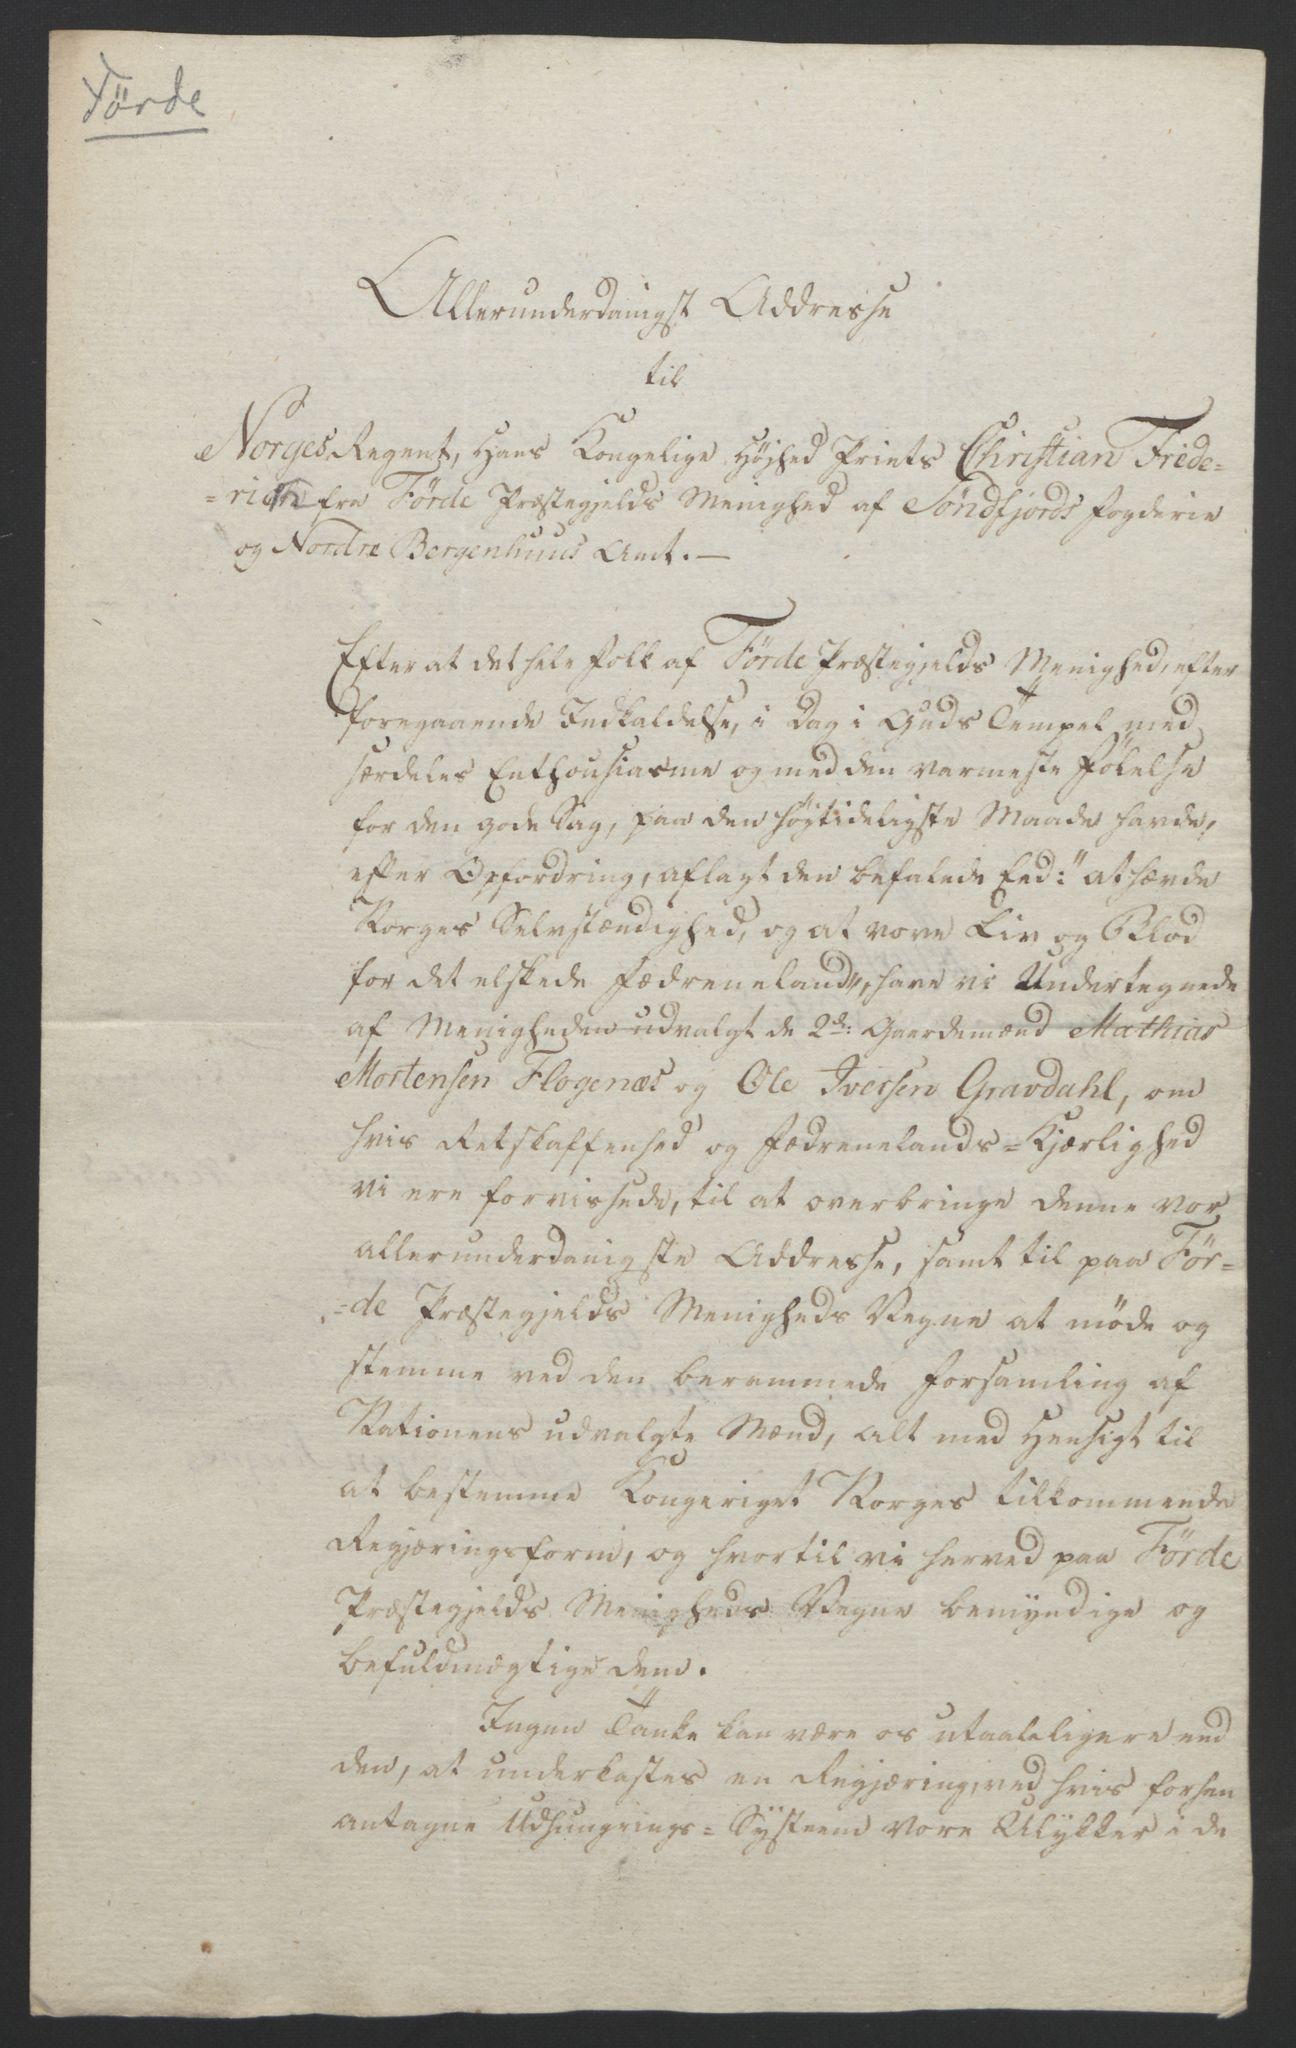 RA, Statsrådssekretariatet, D/Db/L0008: Fullmakter for Eidsvollsrepresentantene i 1814. , 1814, s. 321